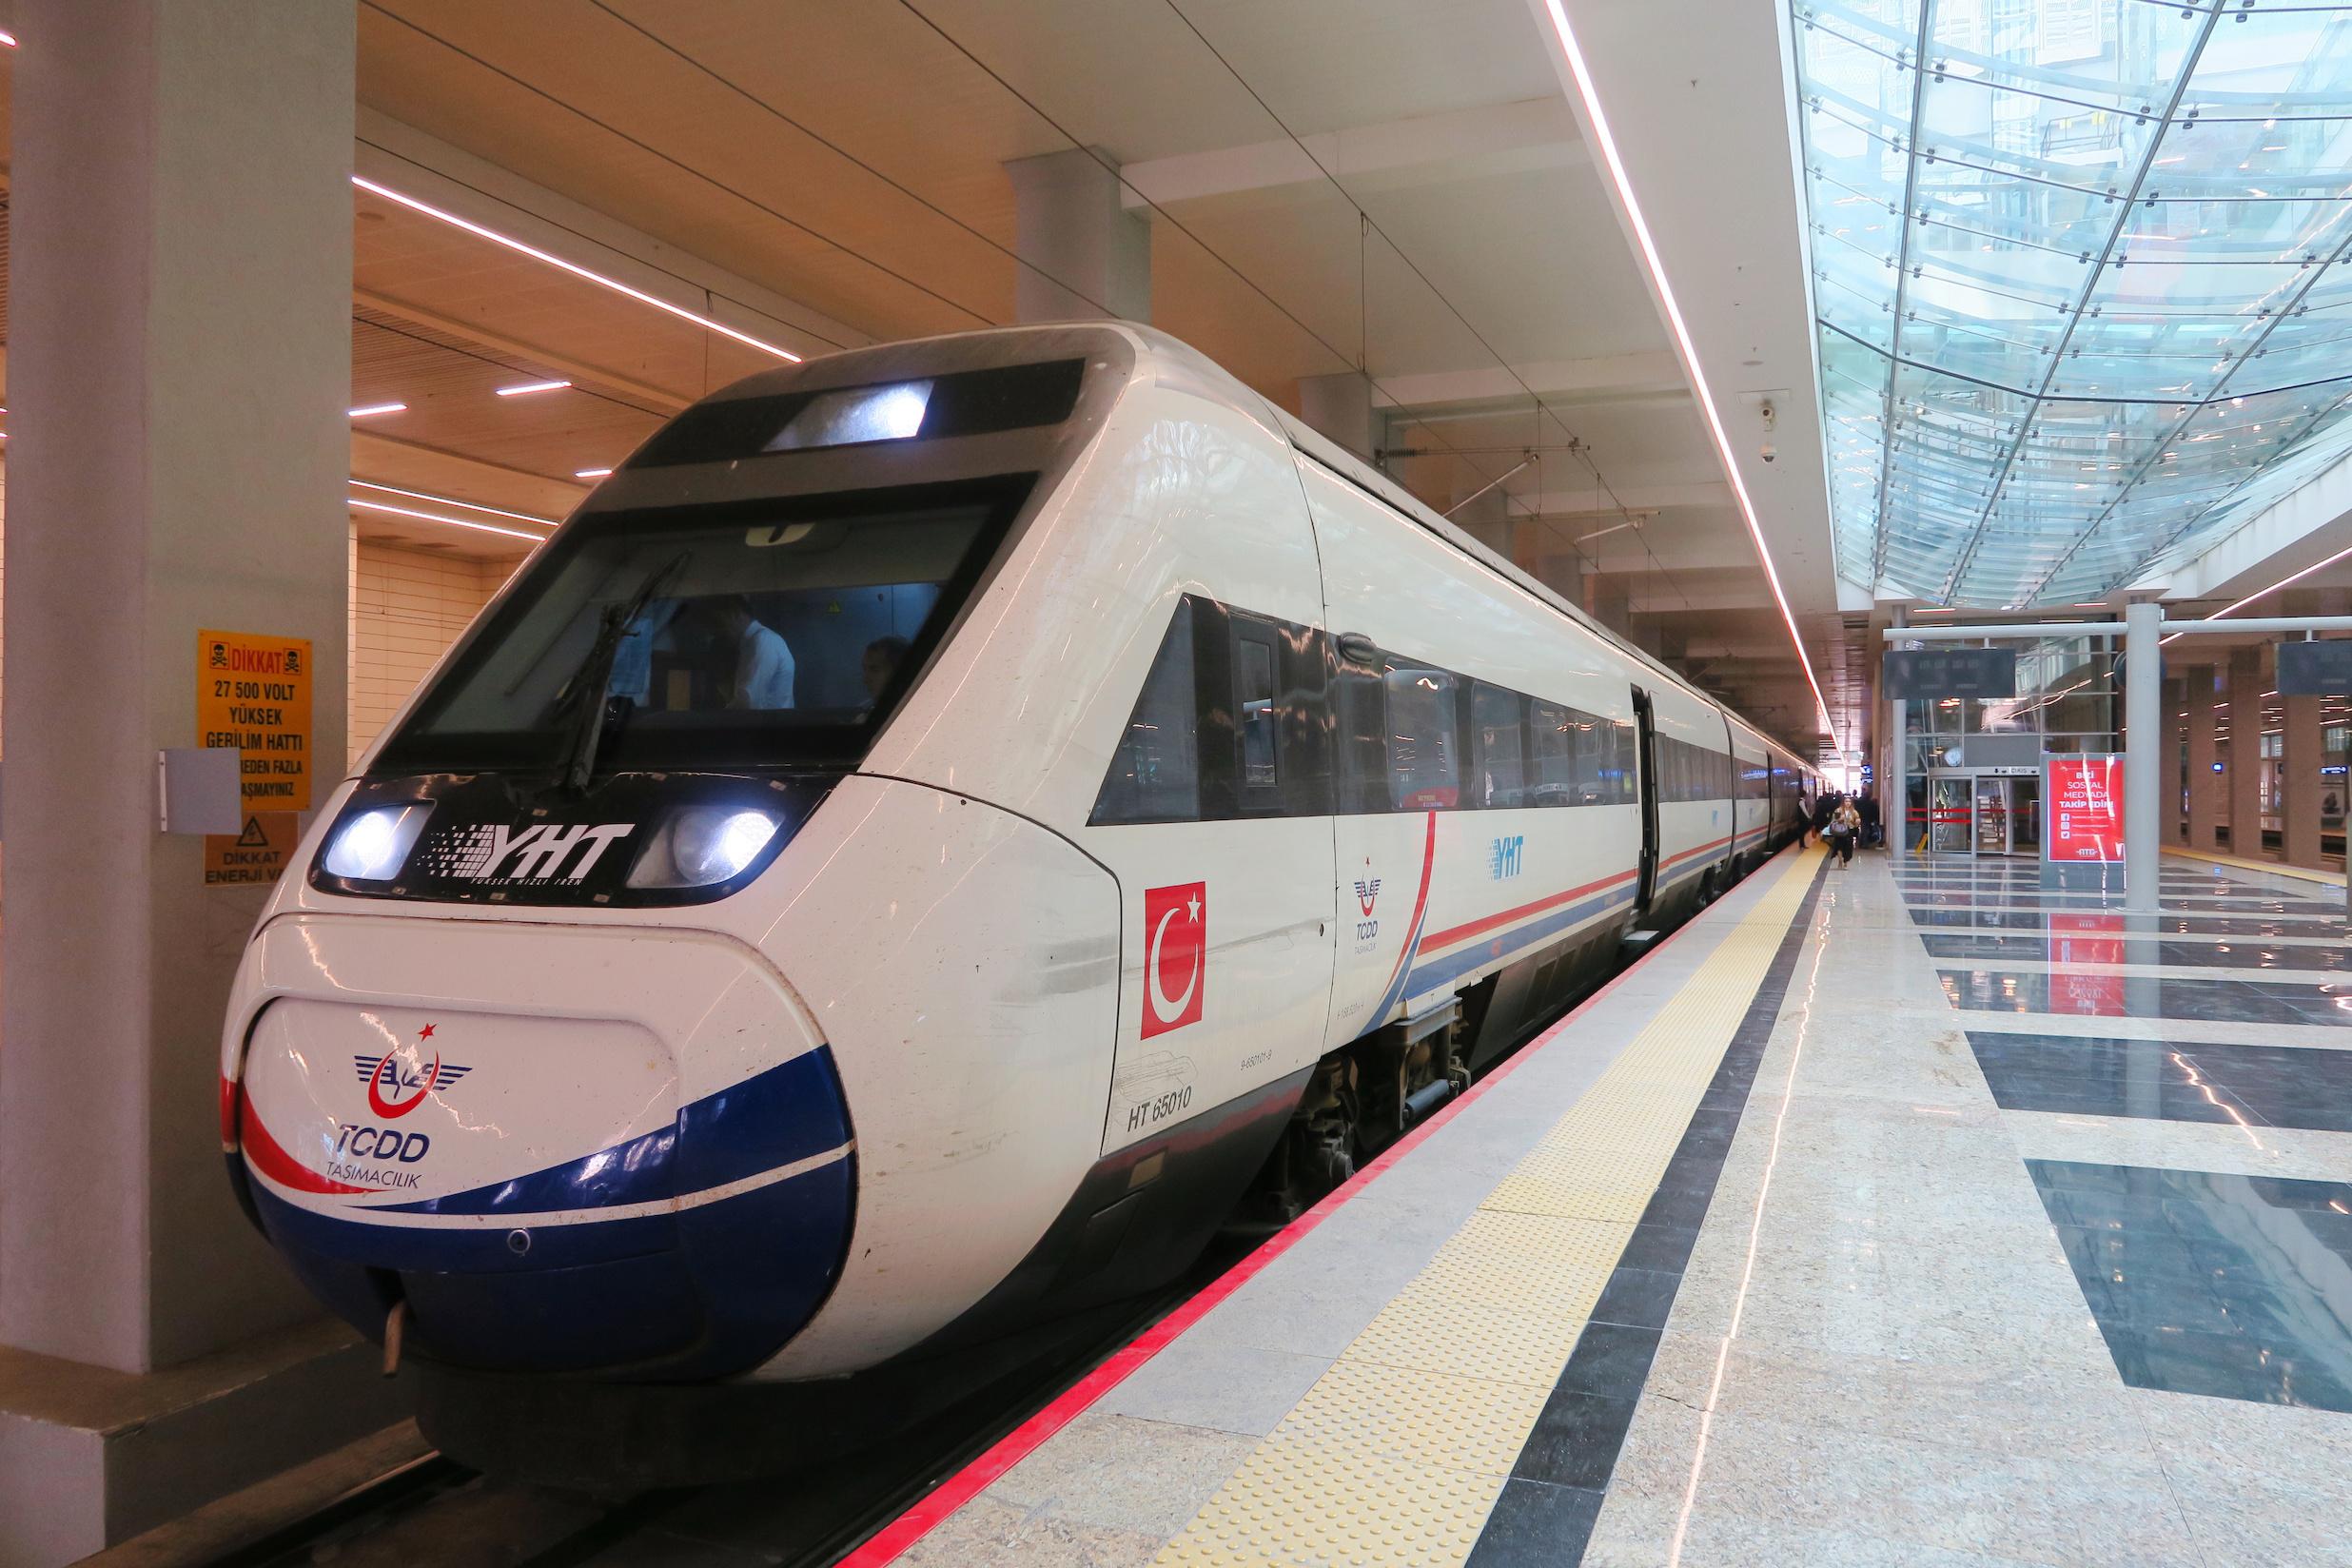 Yüksek Hızlı Tren biletlerinin nasıl alınacağı açıklandı